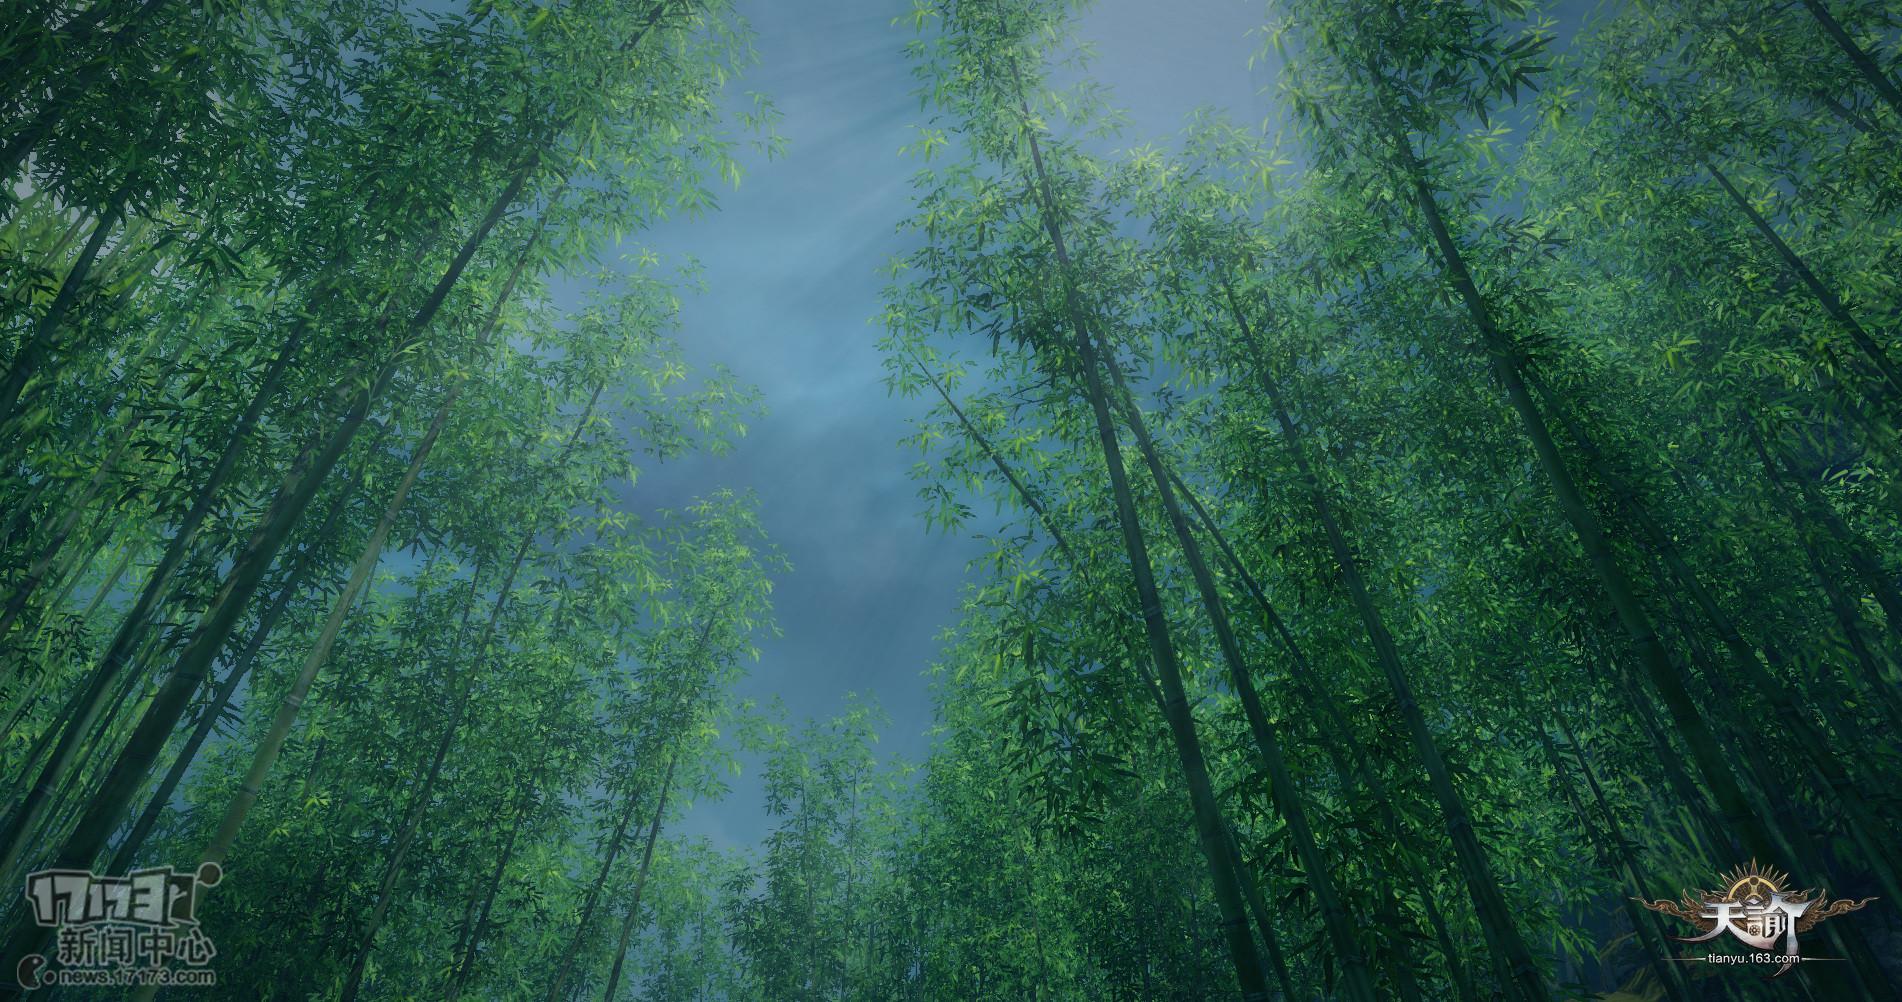 壁纸 风景 植物 桌面 1902_1002